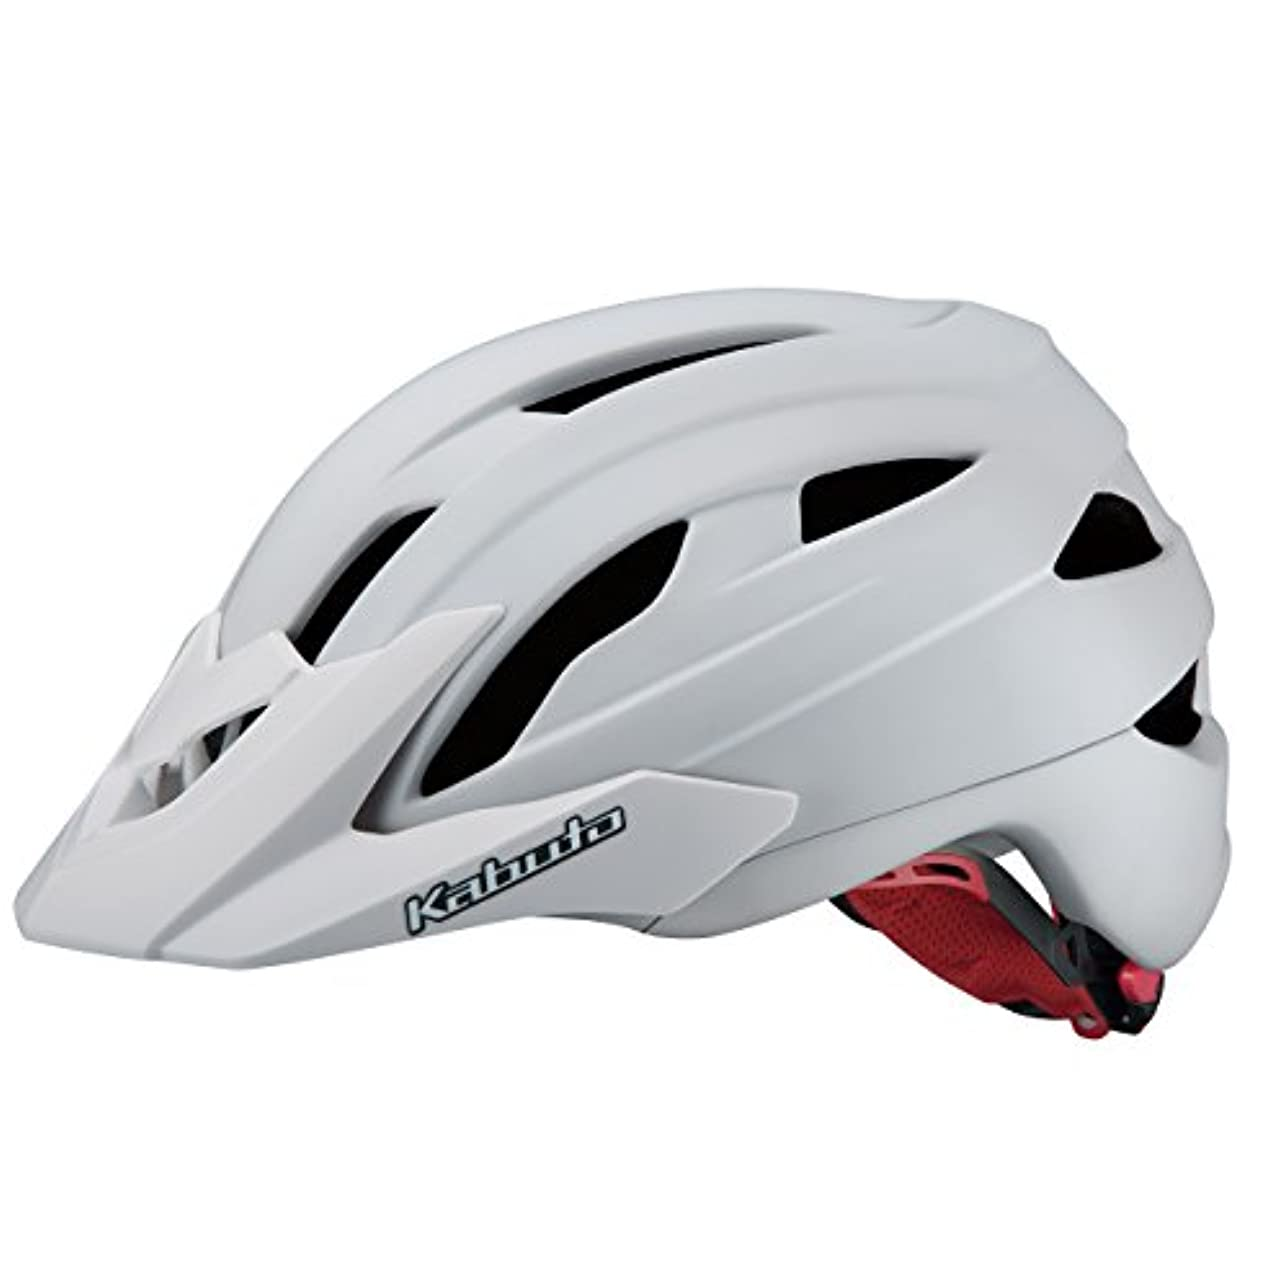 壁紙群集ビームOGK KABUTO(オージーケーカブト) ヘルメット FM-8 マットホワイト サイズ:M/L